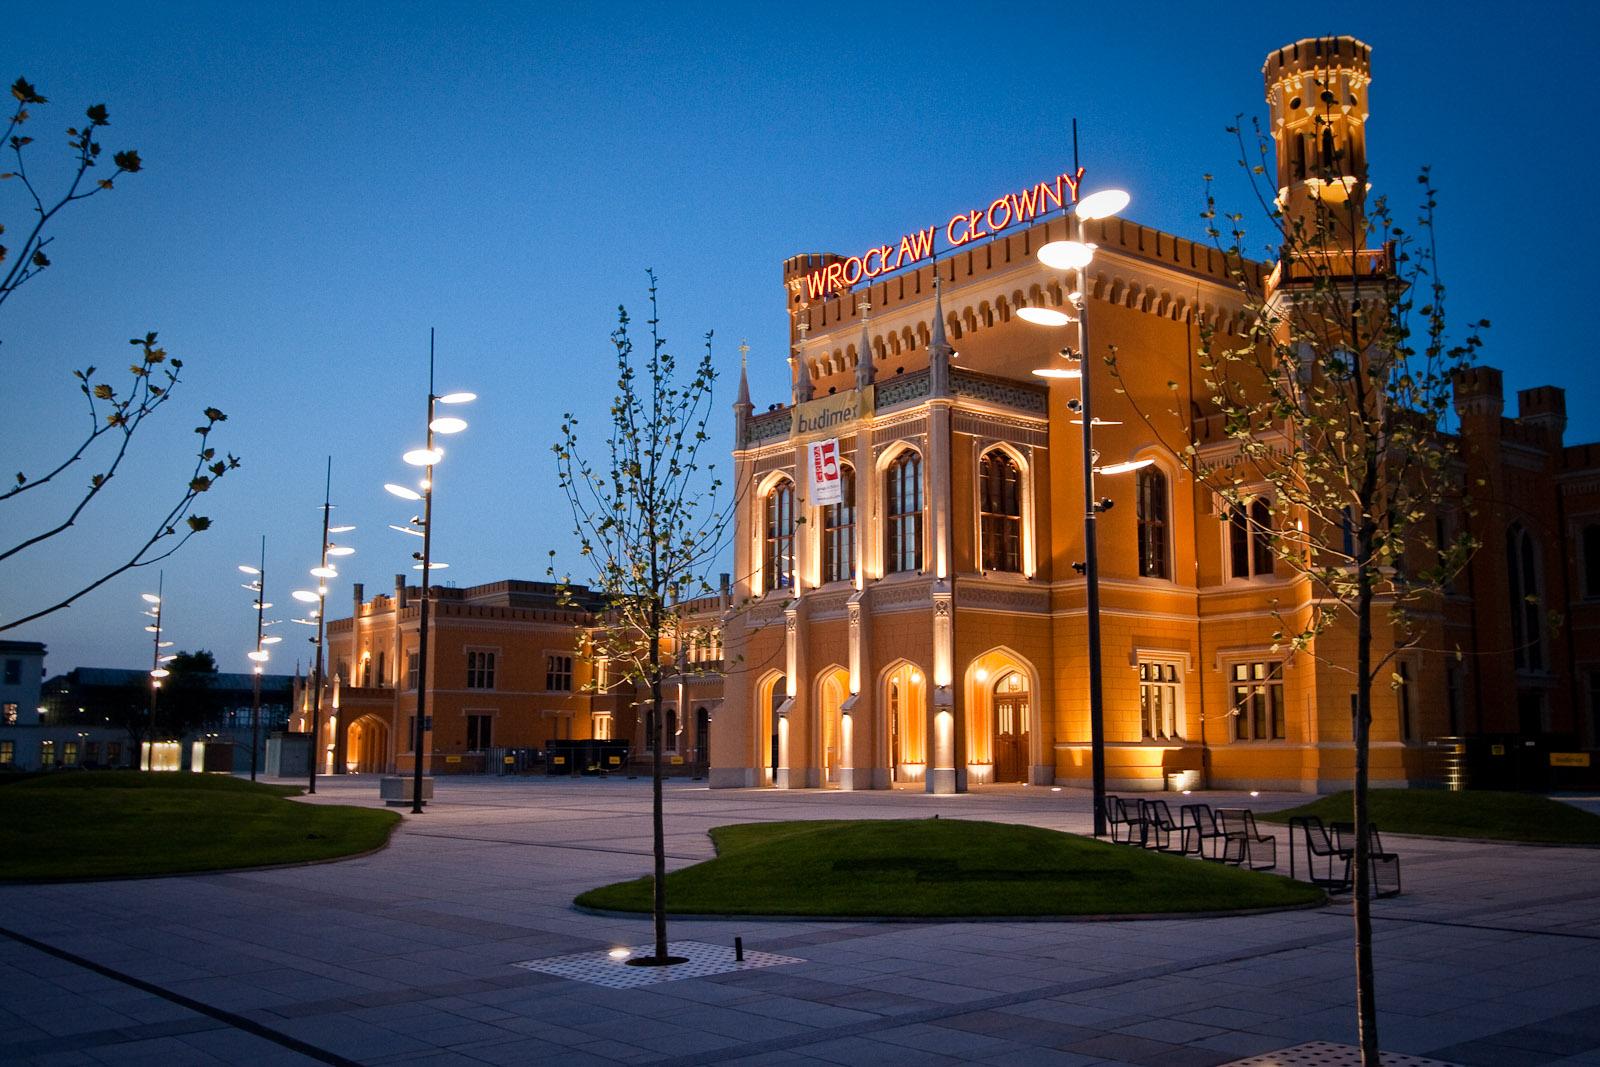 Co warto zobaczyć we Wrocławiu - Wrocław Główny